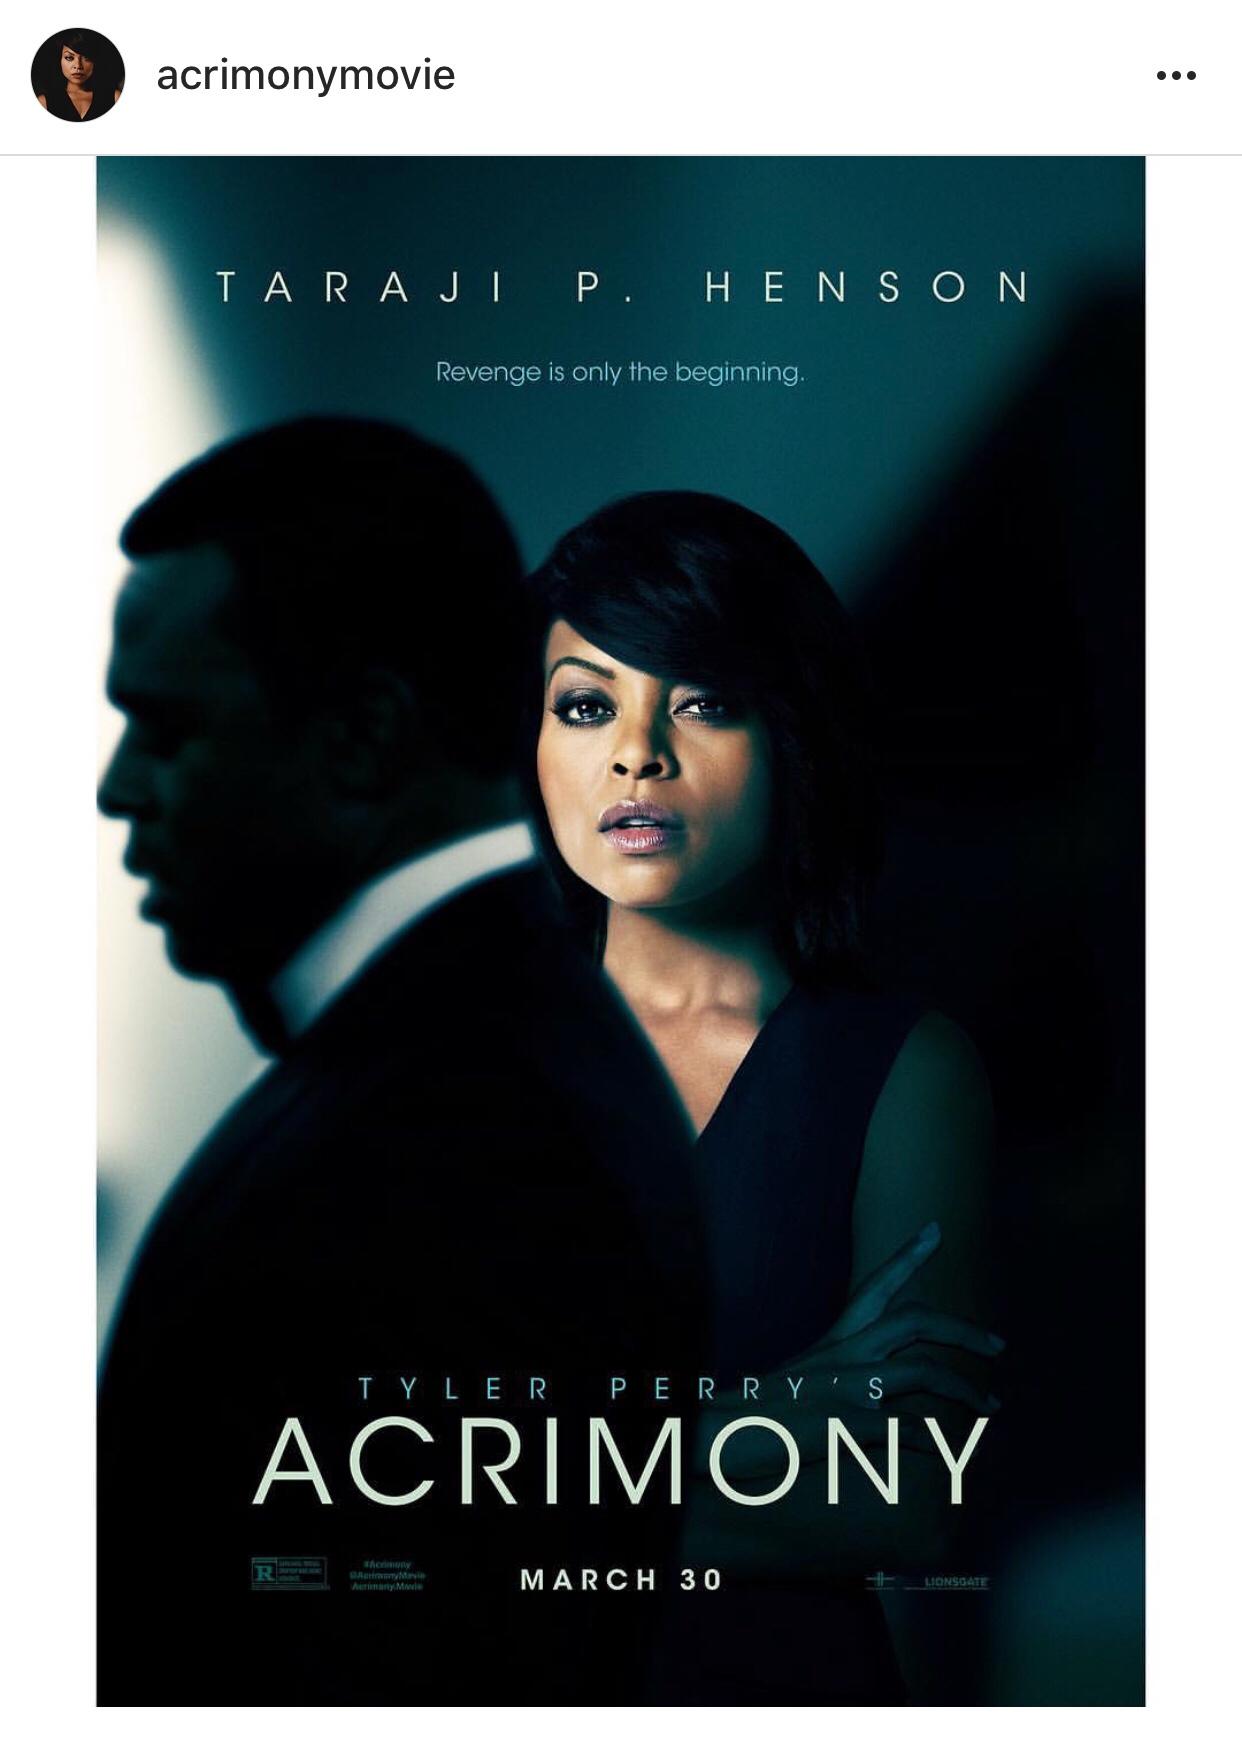 Acrimony movie review